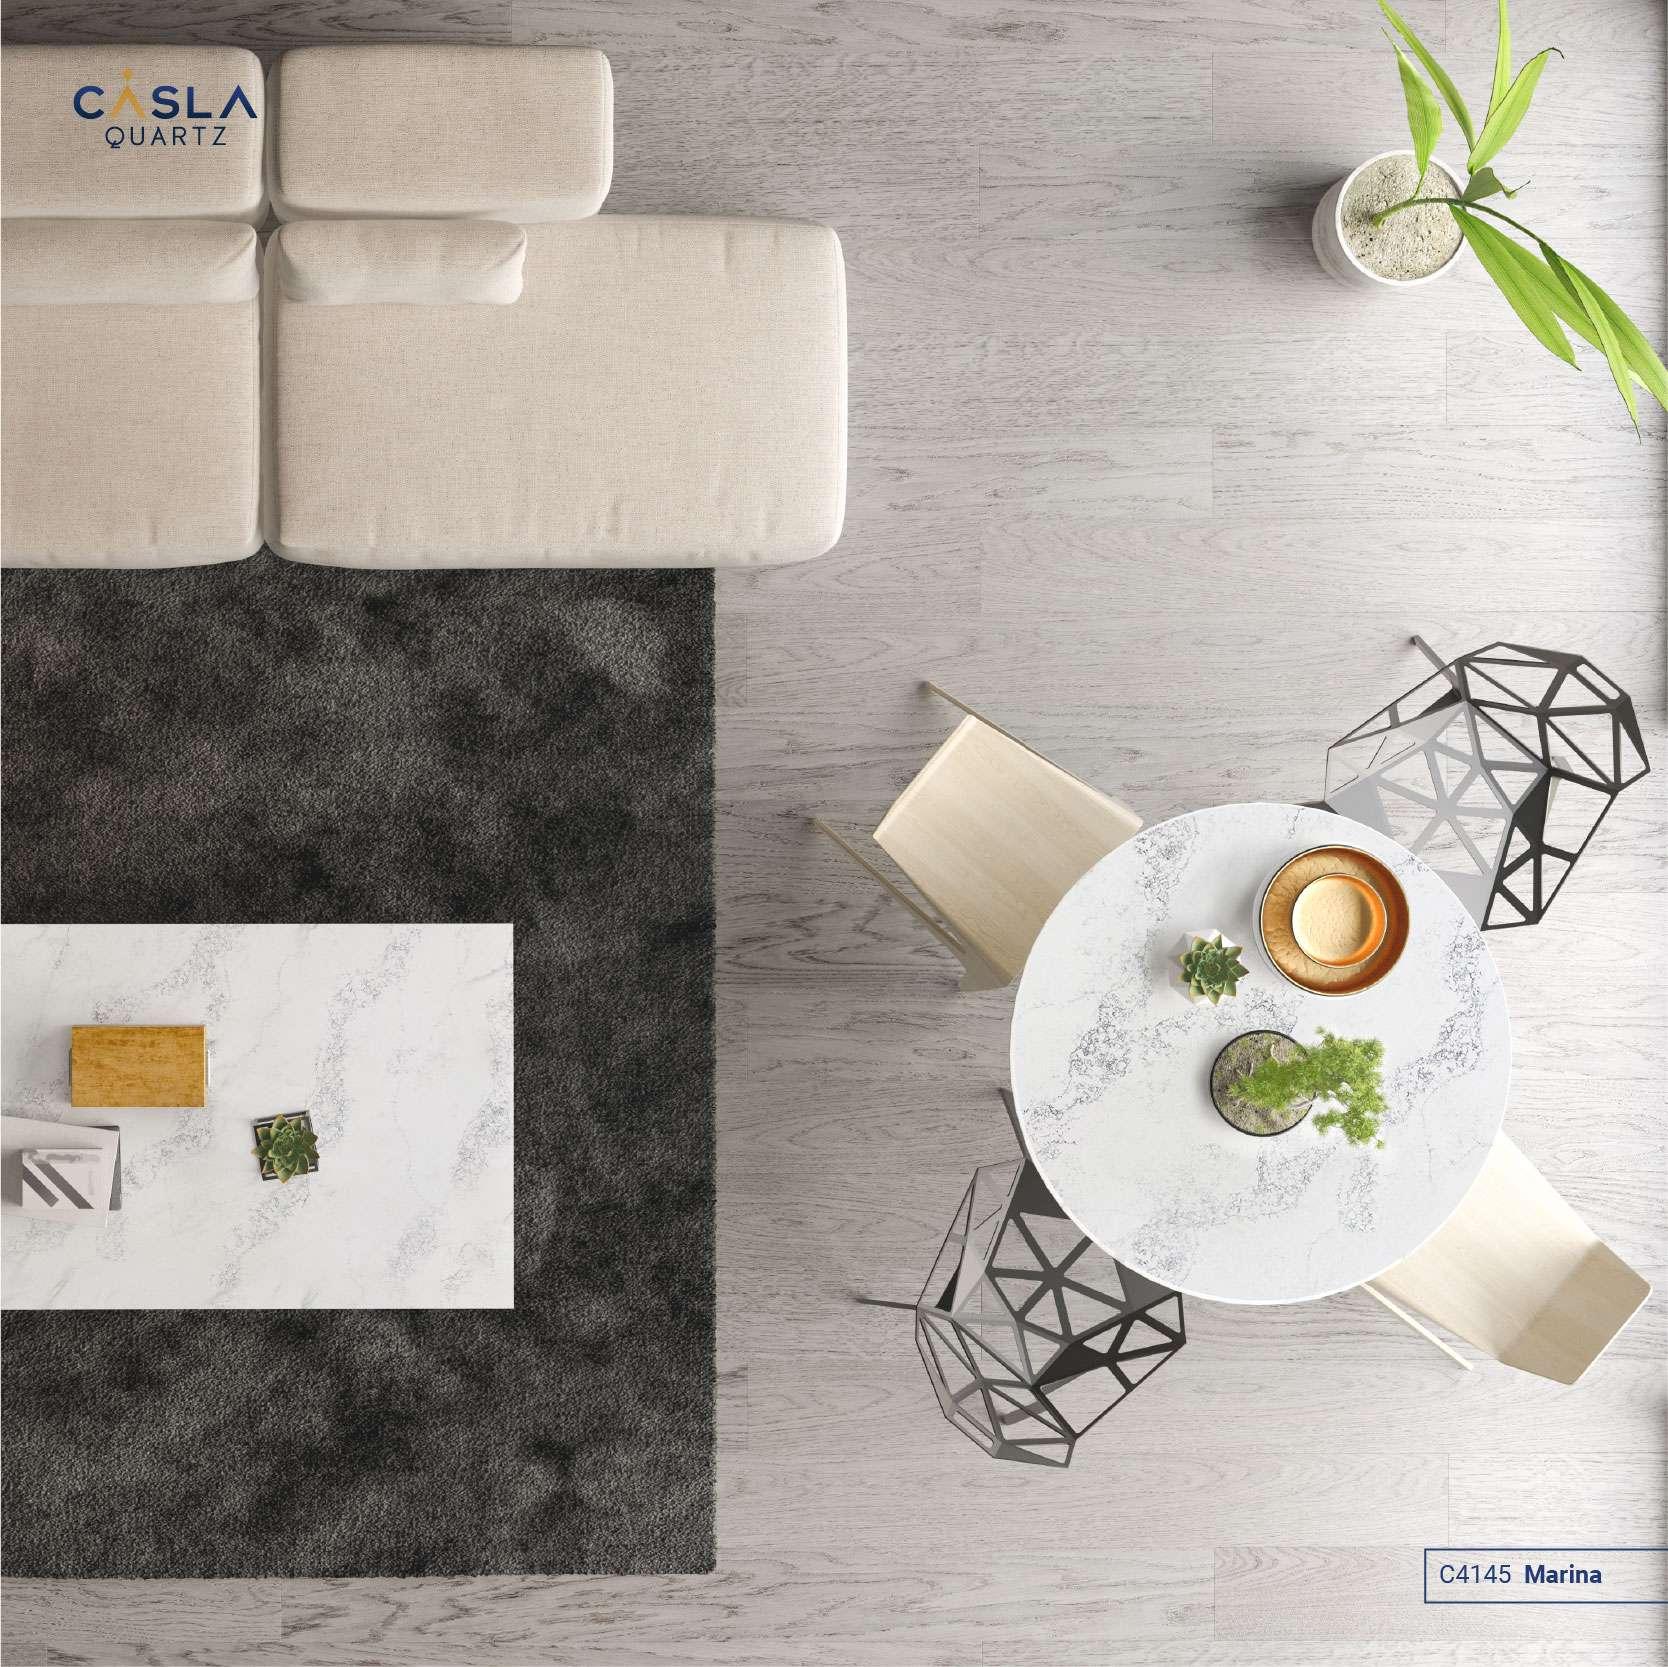 Mặt đá trắng cùng đường vân tinh tế, nhẹ nhàng như dòng sông băng của mẫu đá Marina tạo nên sự trang nhã cho không gian phòng khách.